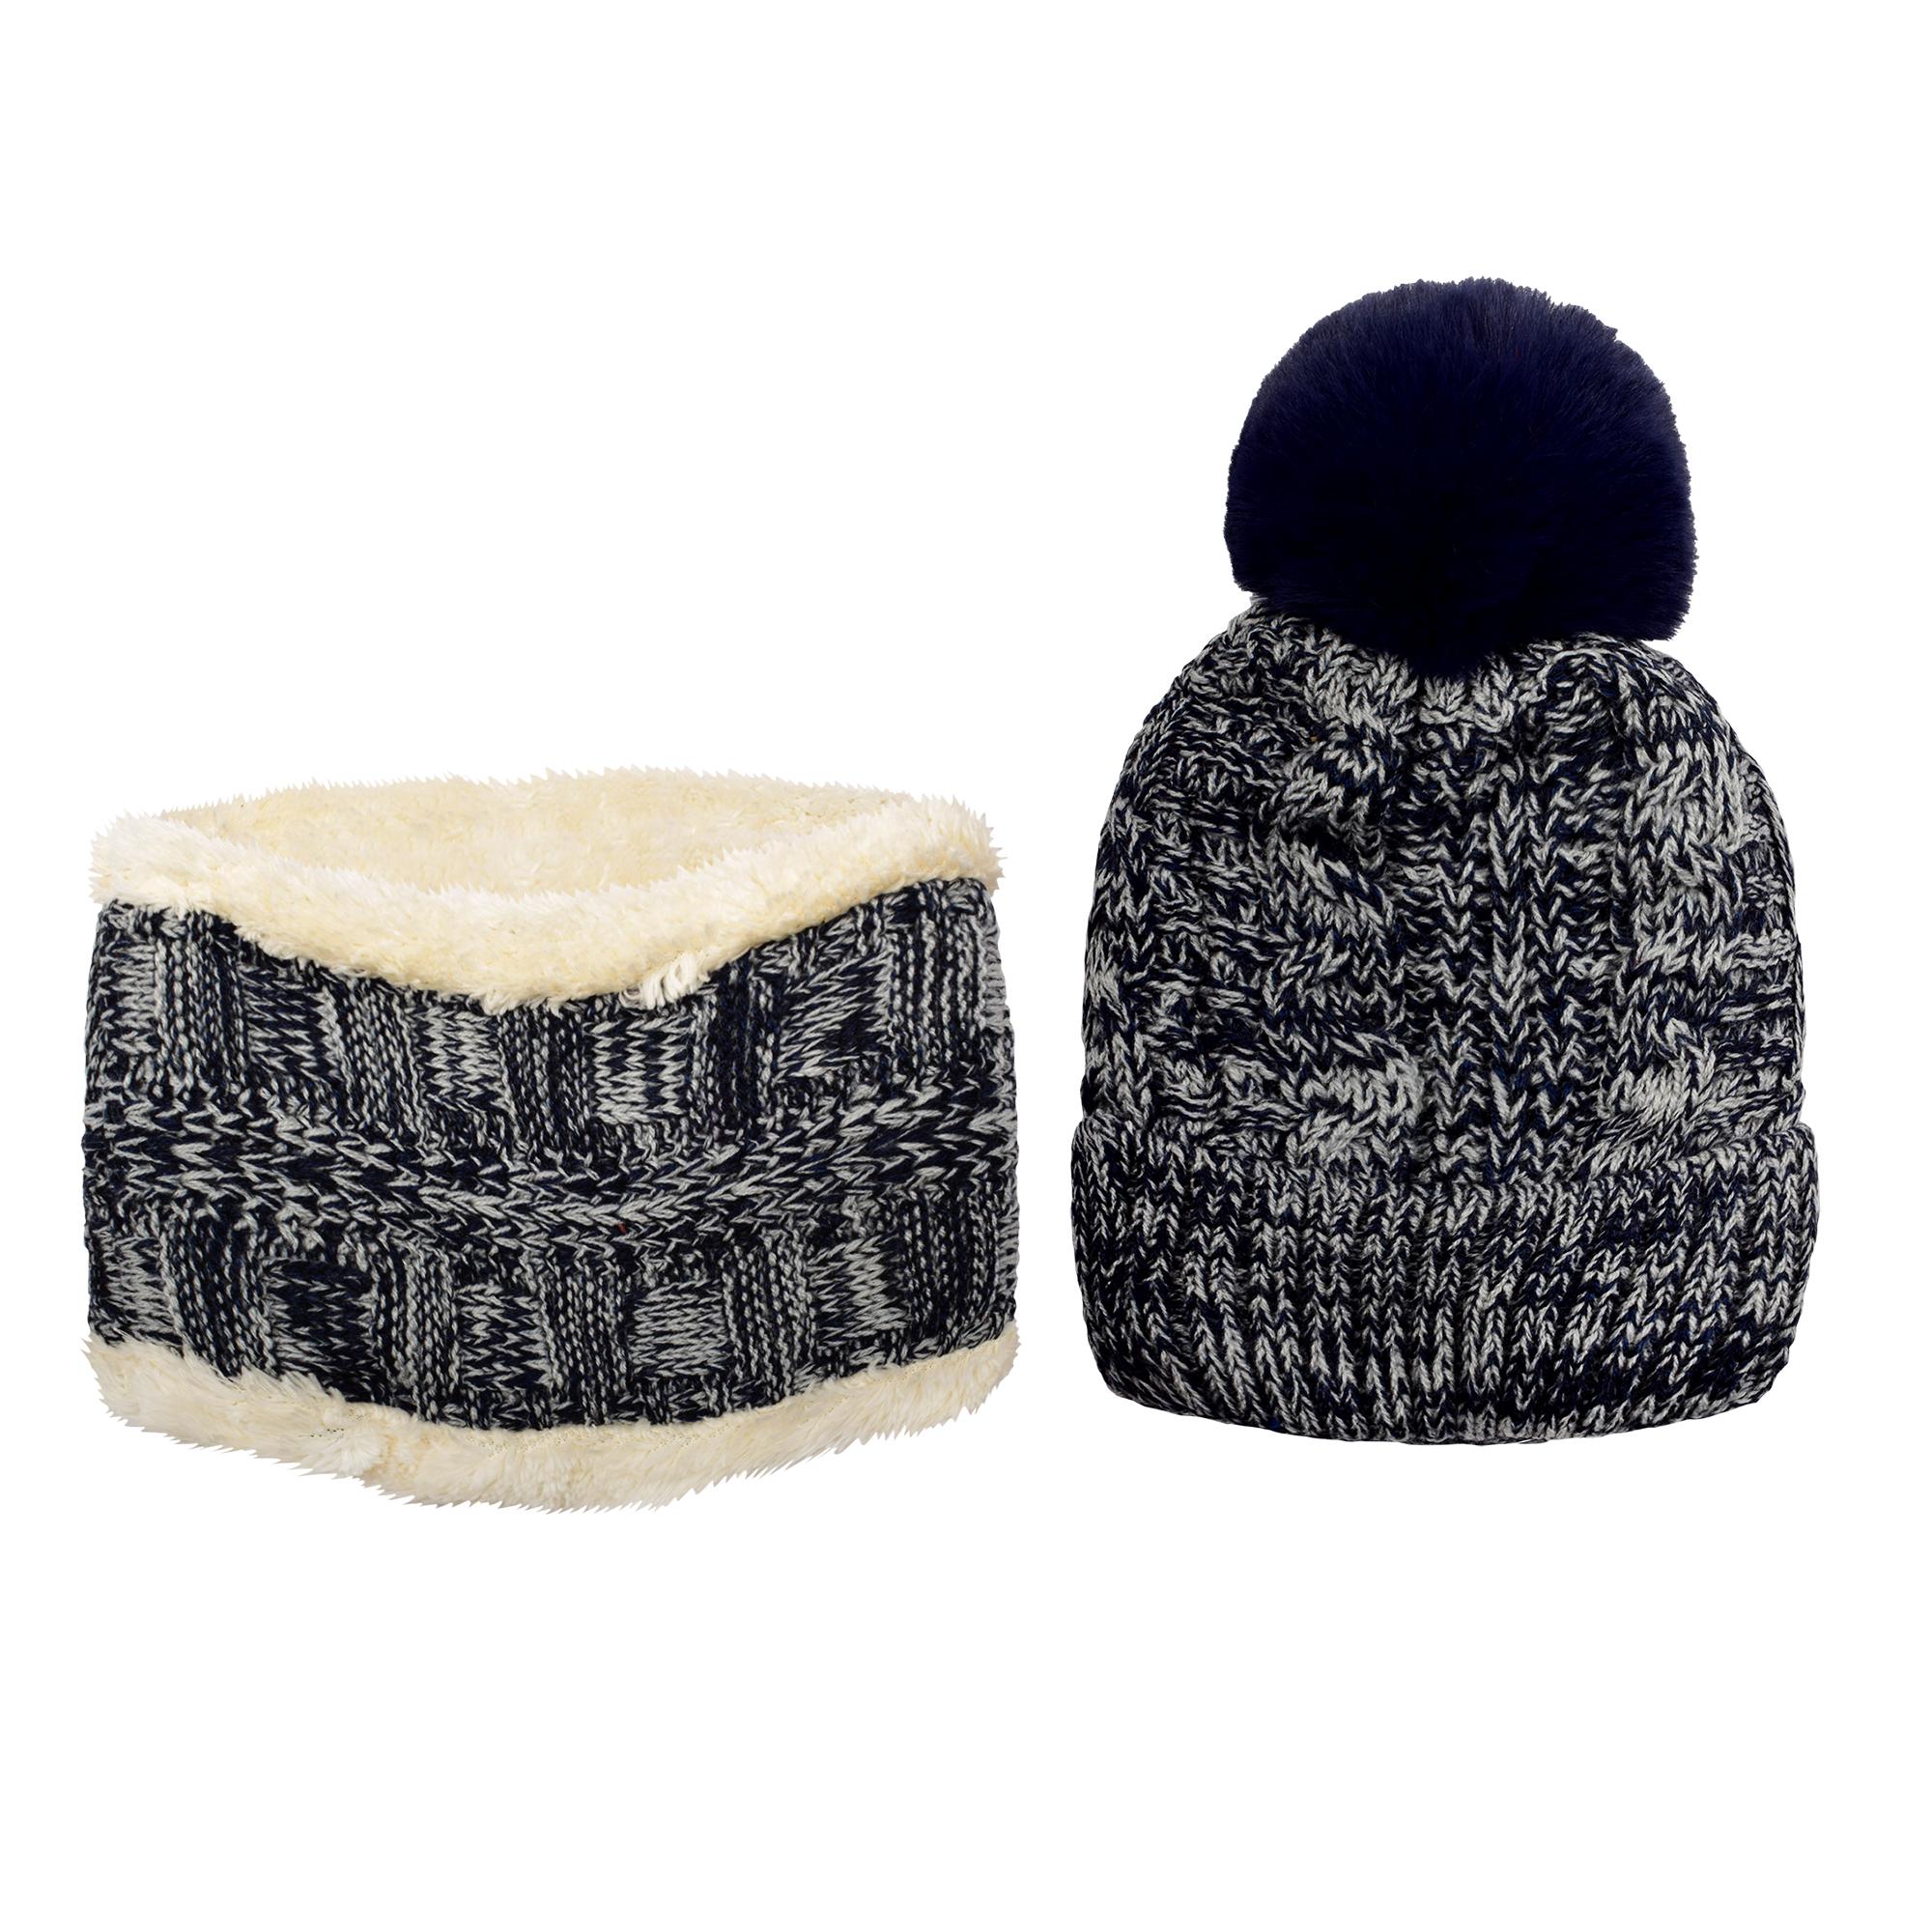 ست کلاه و شال گردن بافتنی بچگانه کد P0144-4